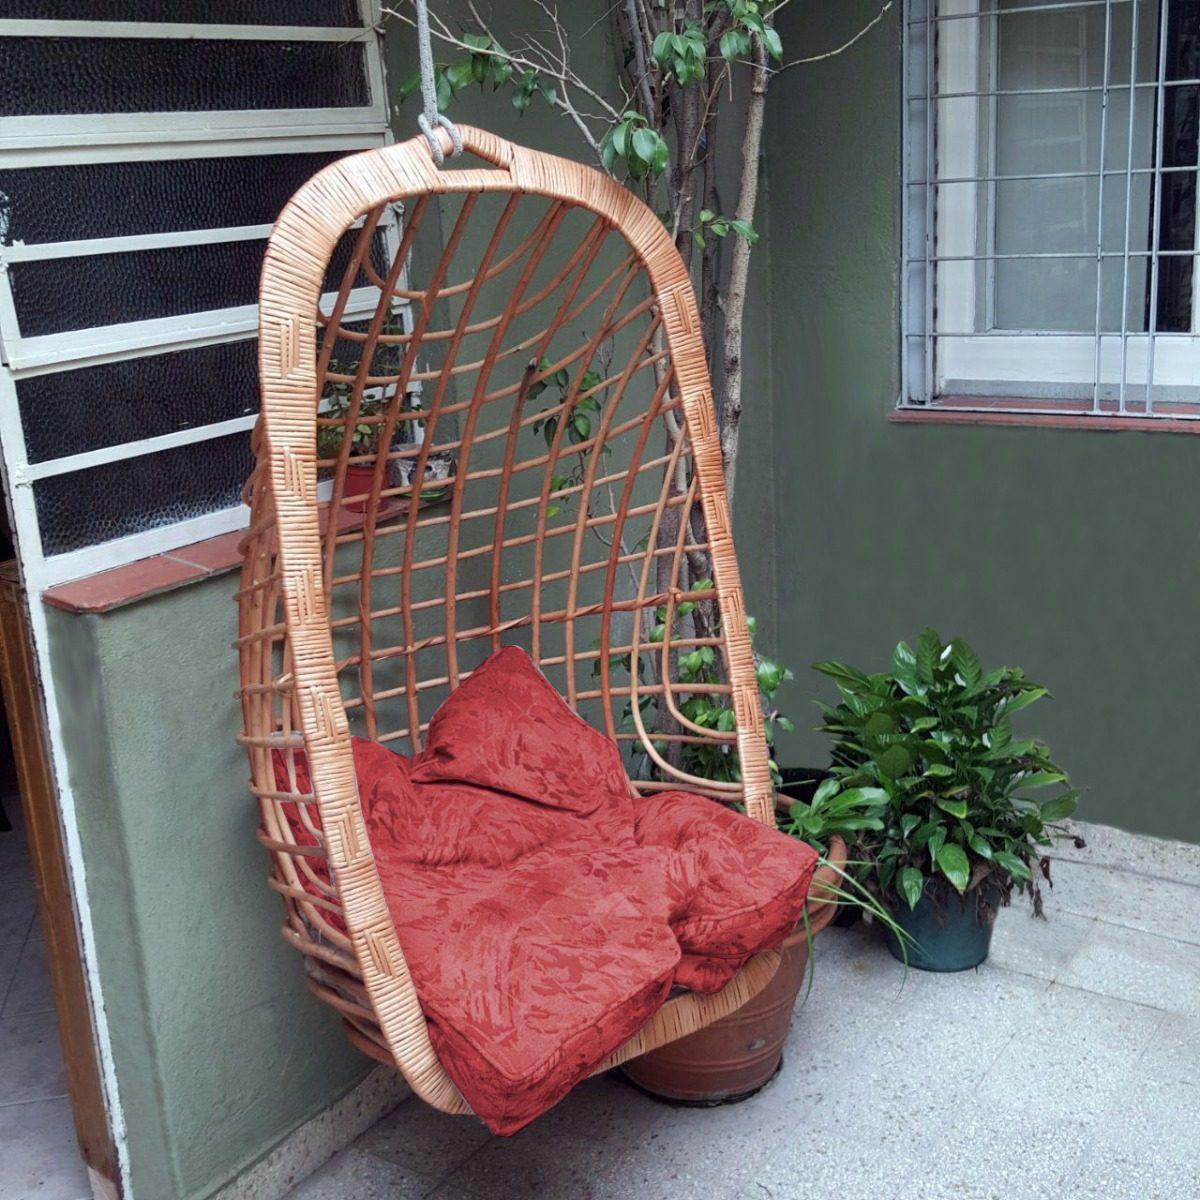 Silla colgante mimbre fabulous sillas colgantes para el - Sillas colgantes de mimbre ...